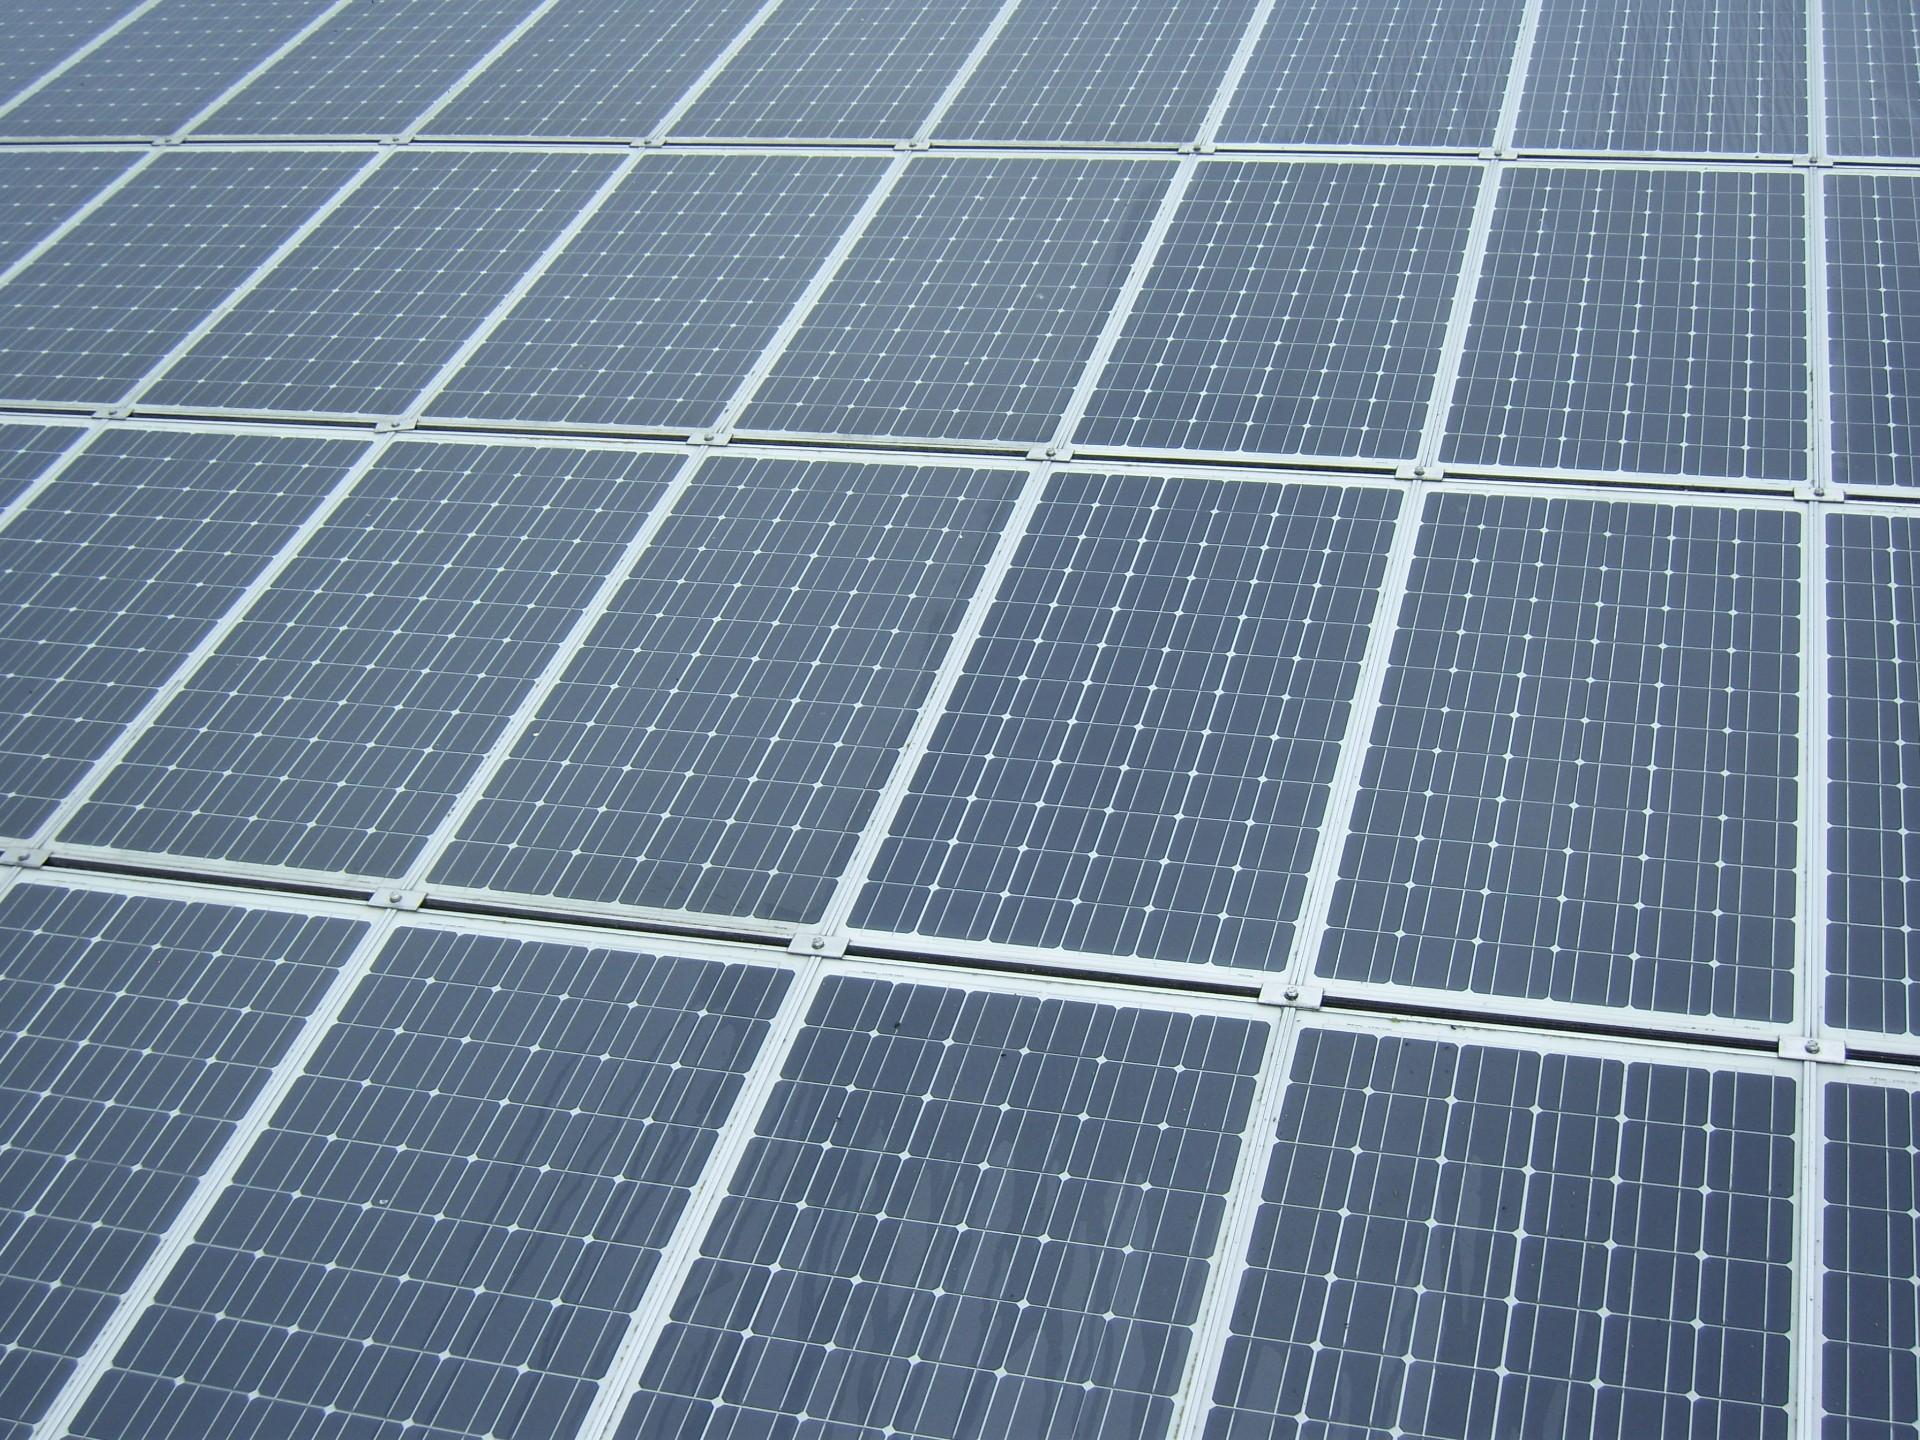 photovoltaik selber bauen solarstrom und solarzellen kosten wirtschaftlichkeit photovoltaik. Black Bedroom Furniture Sets. Home Design Ideas